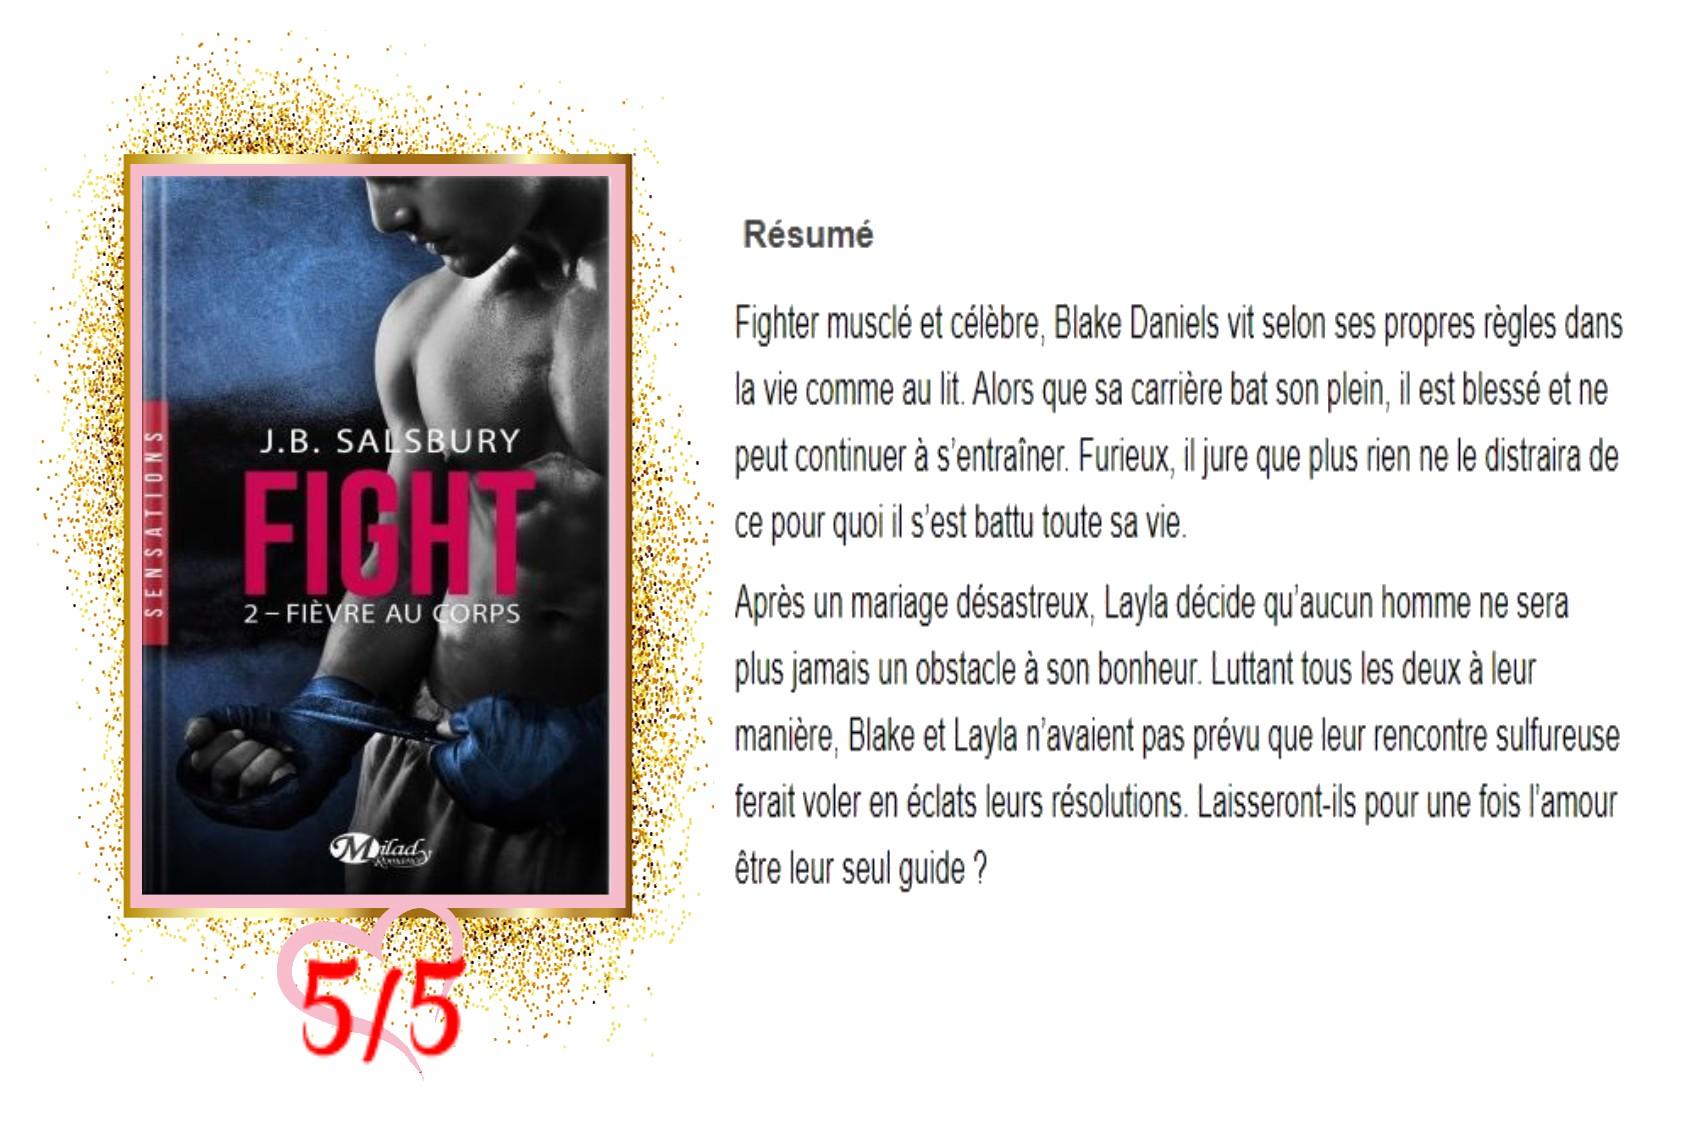 Fight tome 2 fièvre au corps avis